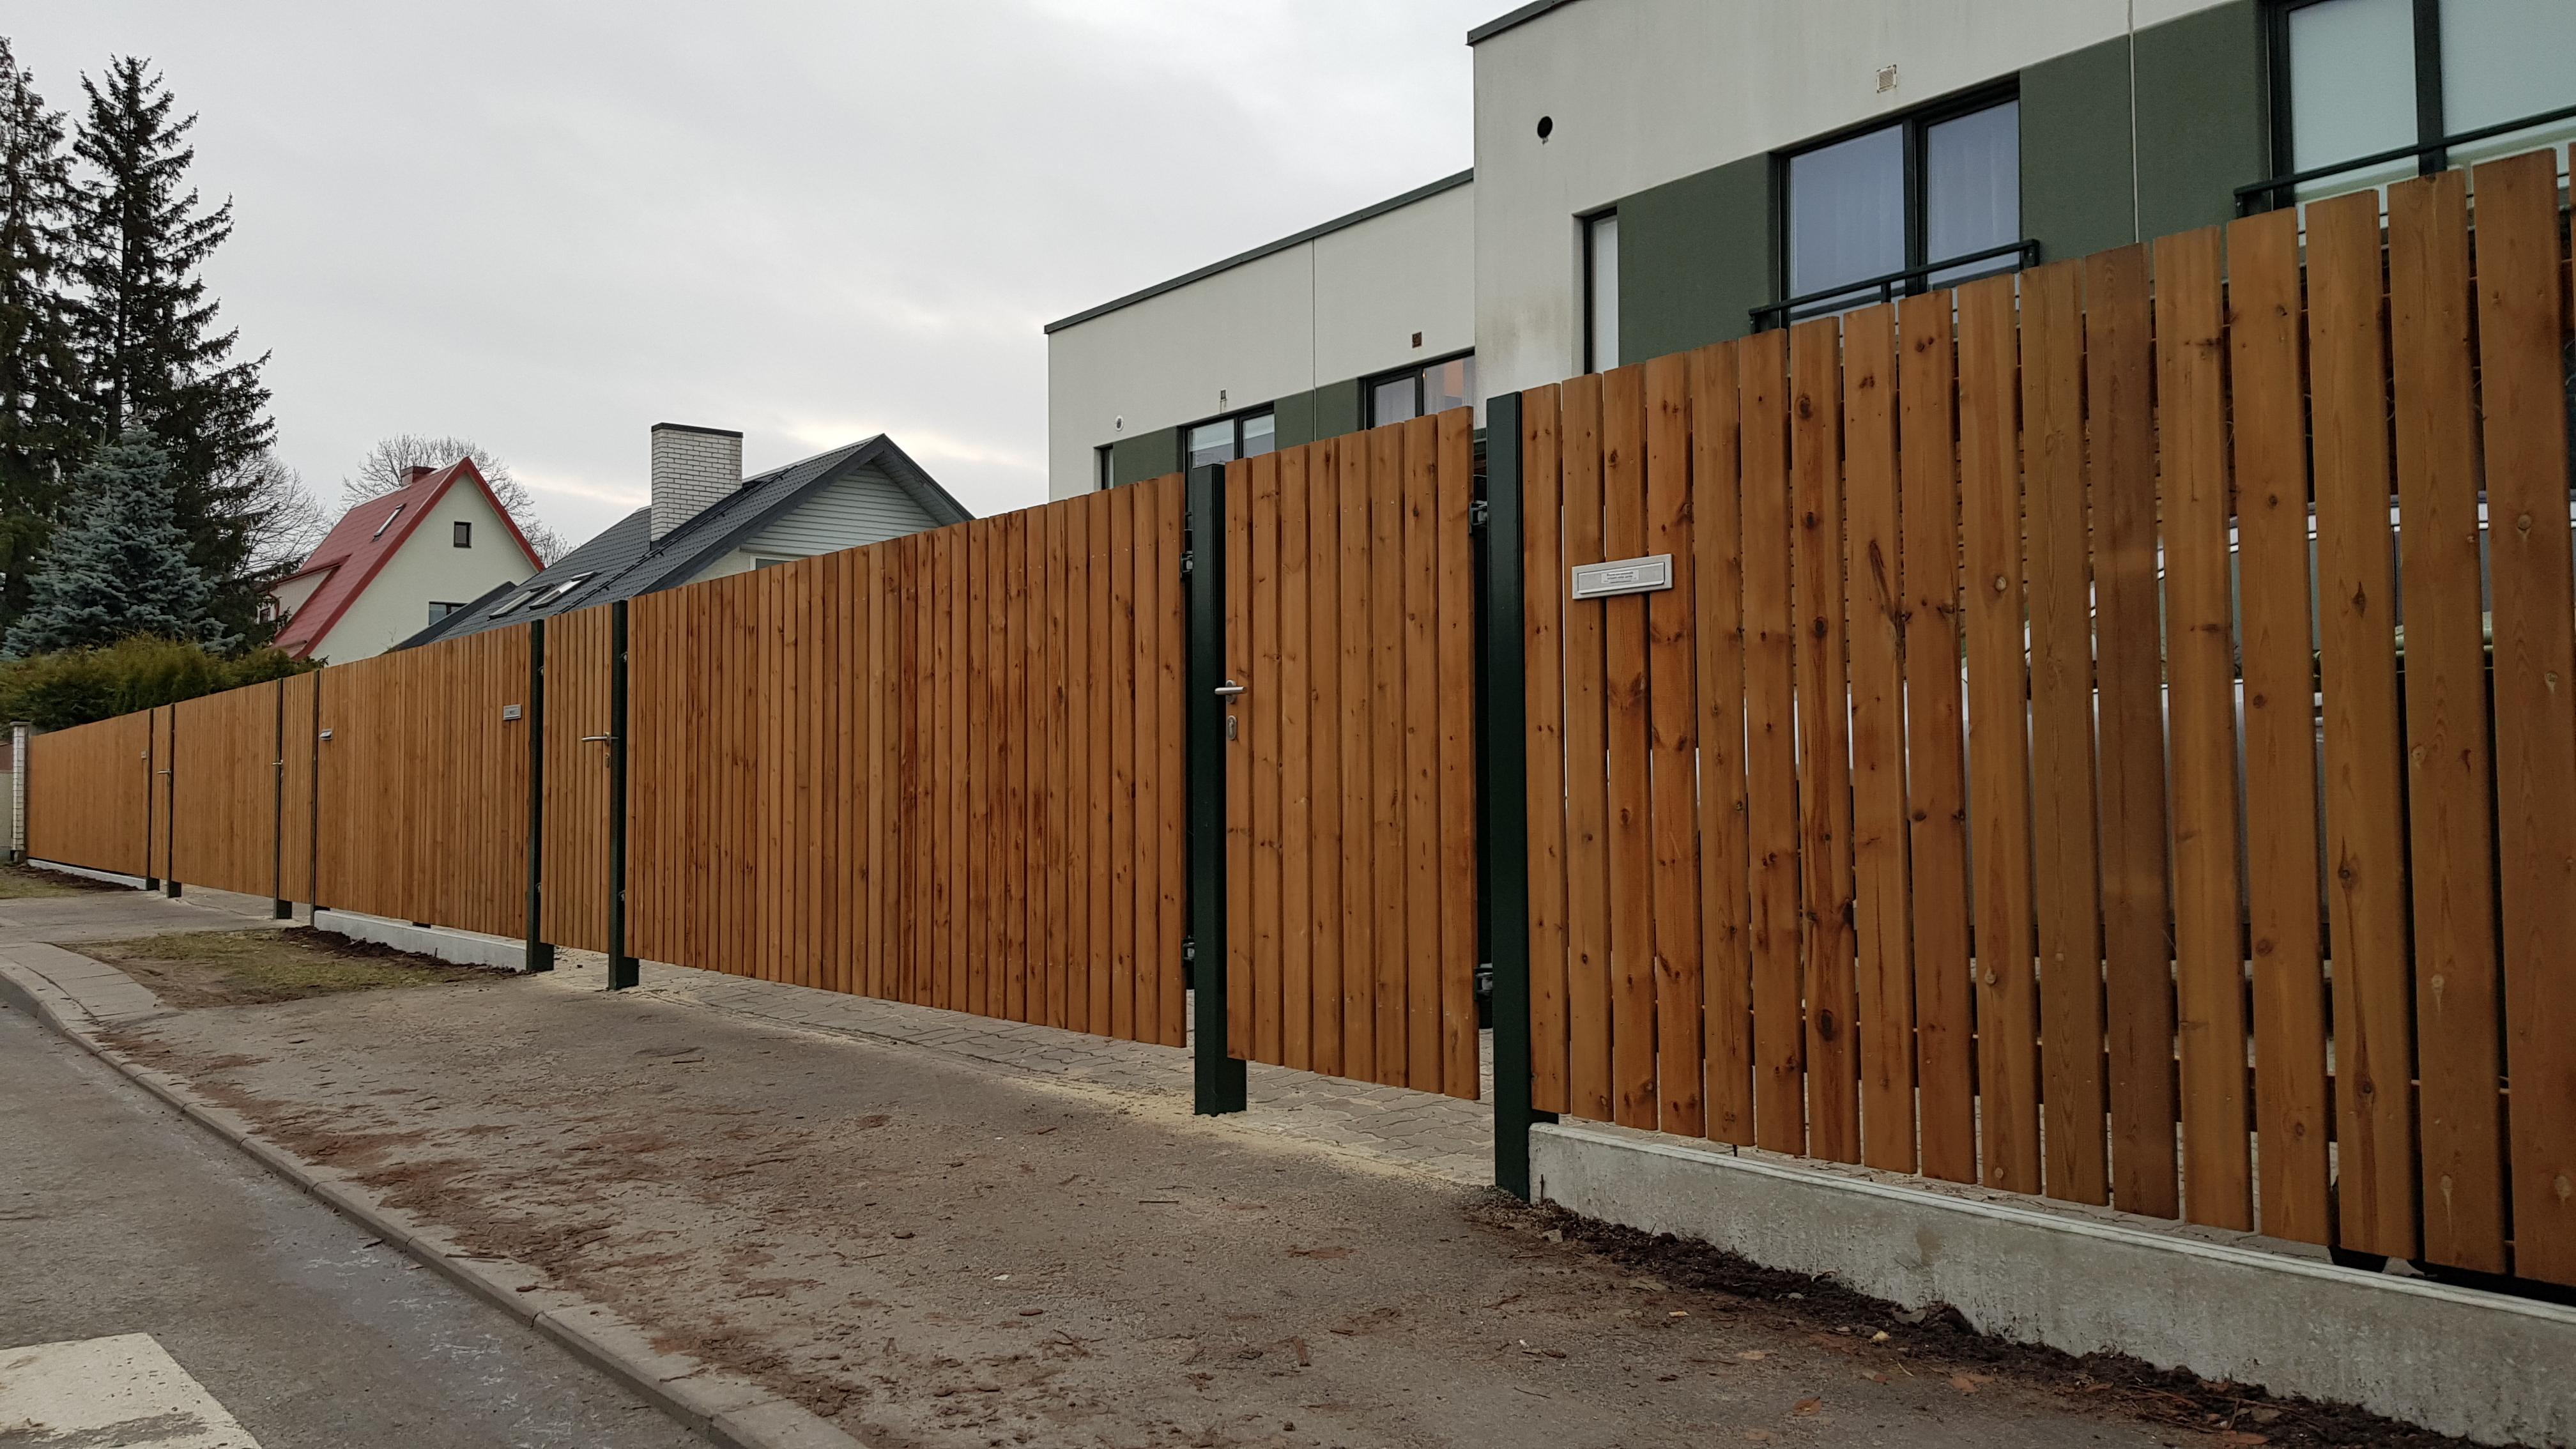 betoonsokliga sügavimmutatud lippaed koos väravatega, tiibväravad, piirdeaed, jalgvärav, puitaed